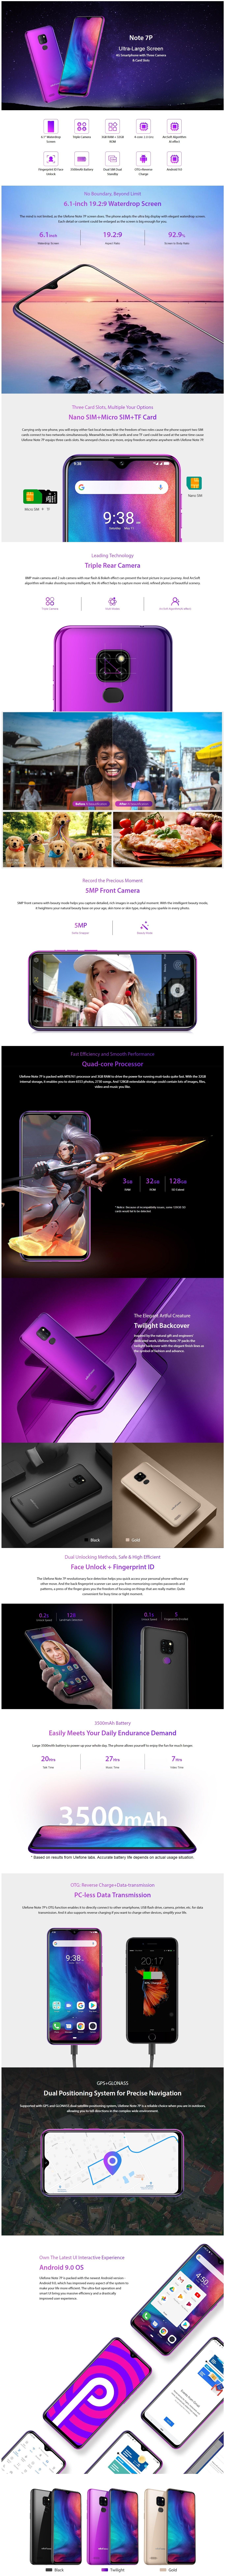 Prezentare-Ulefone-Note-7P-final0a30e02038e91994.jpg